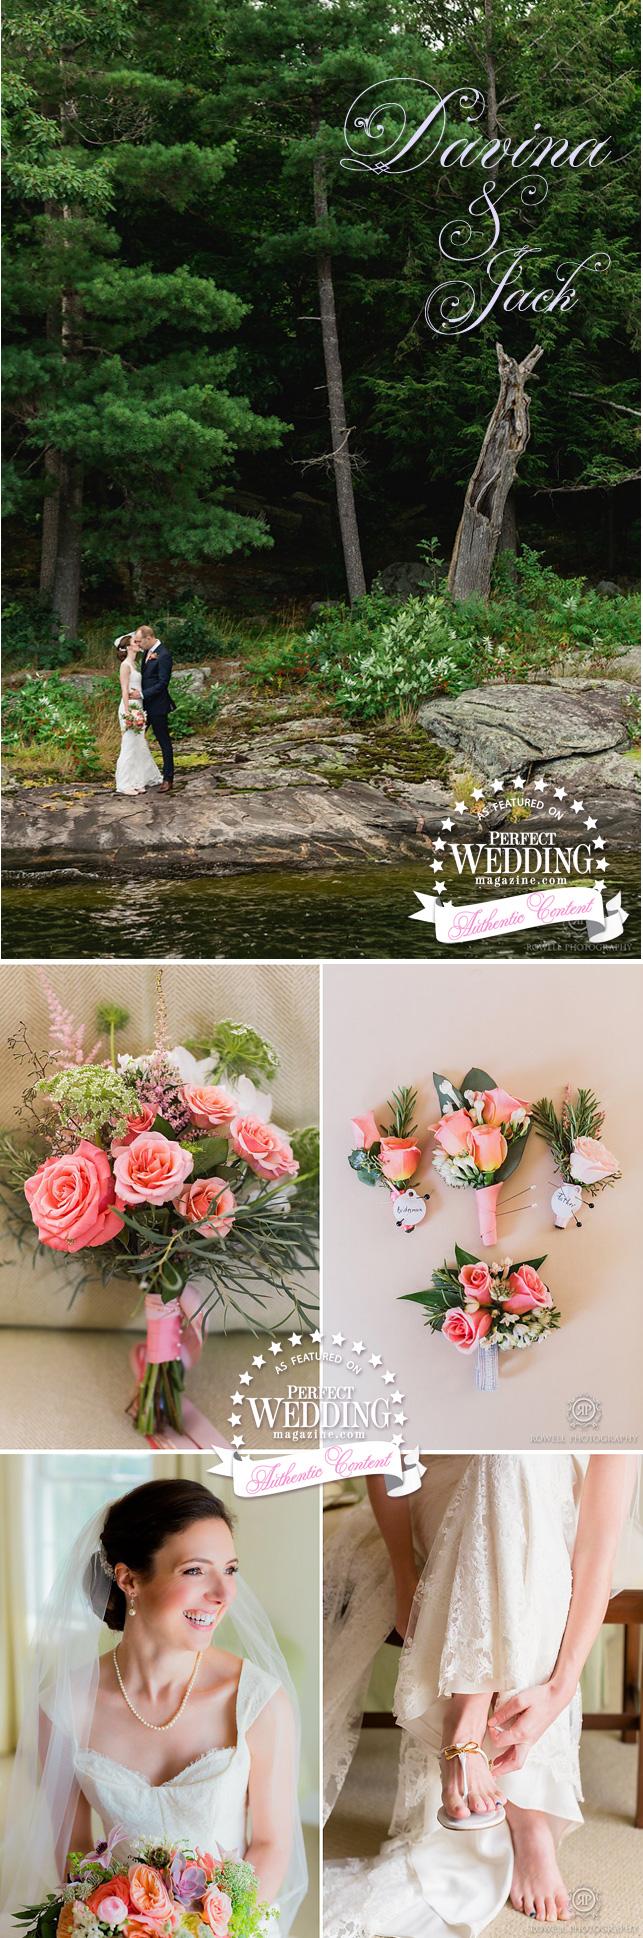 SUMMER WEDDING MUSKOKA,Canadian Summer Weddings, Summer weddings, Muskoka Weddings, Rowell Photo, Cottage Wedding, Wedding Decor, Bridal Flowers, Perfect Wedding Magazine, Perfect Wedding Blog